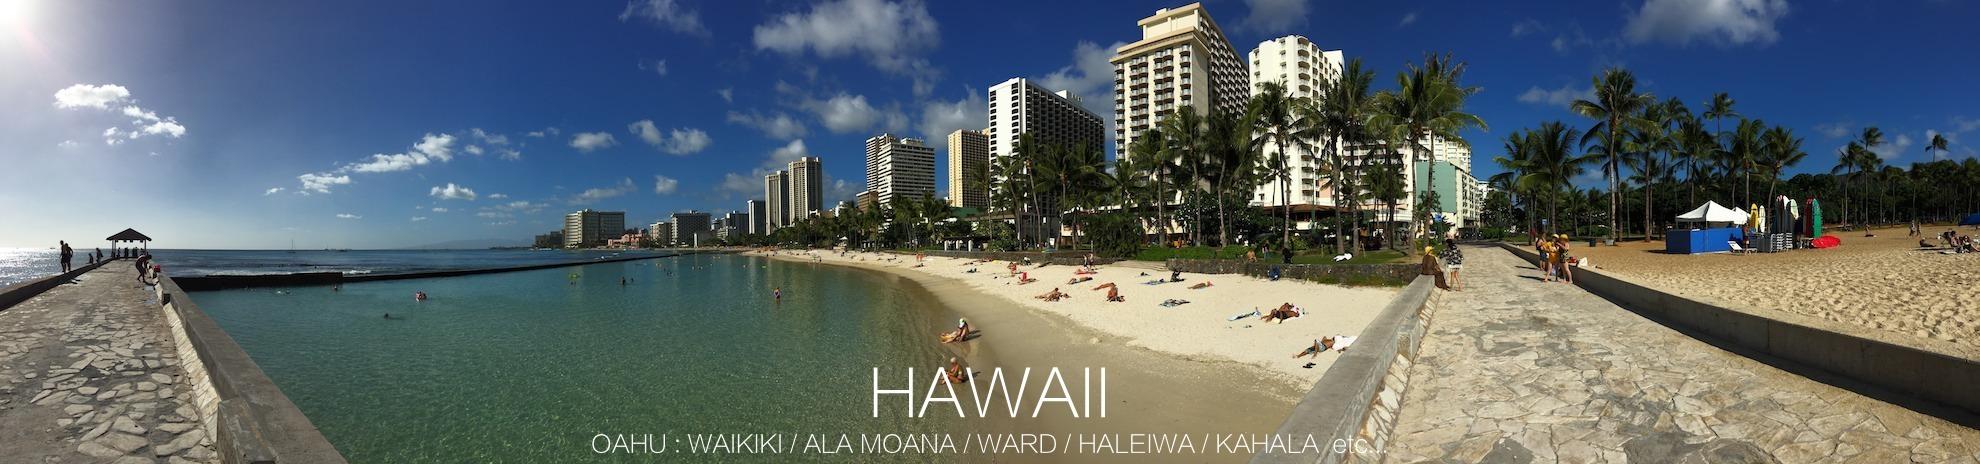 子連れハワイ個人旅行ノート